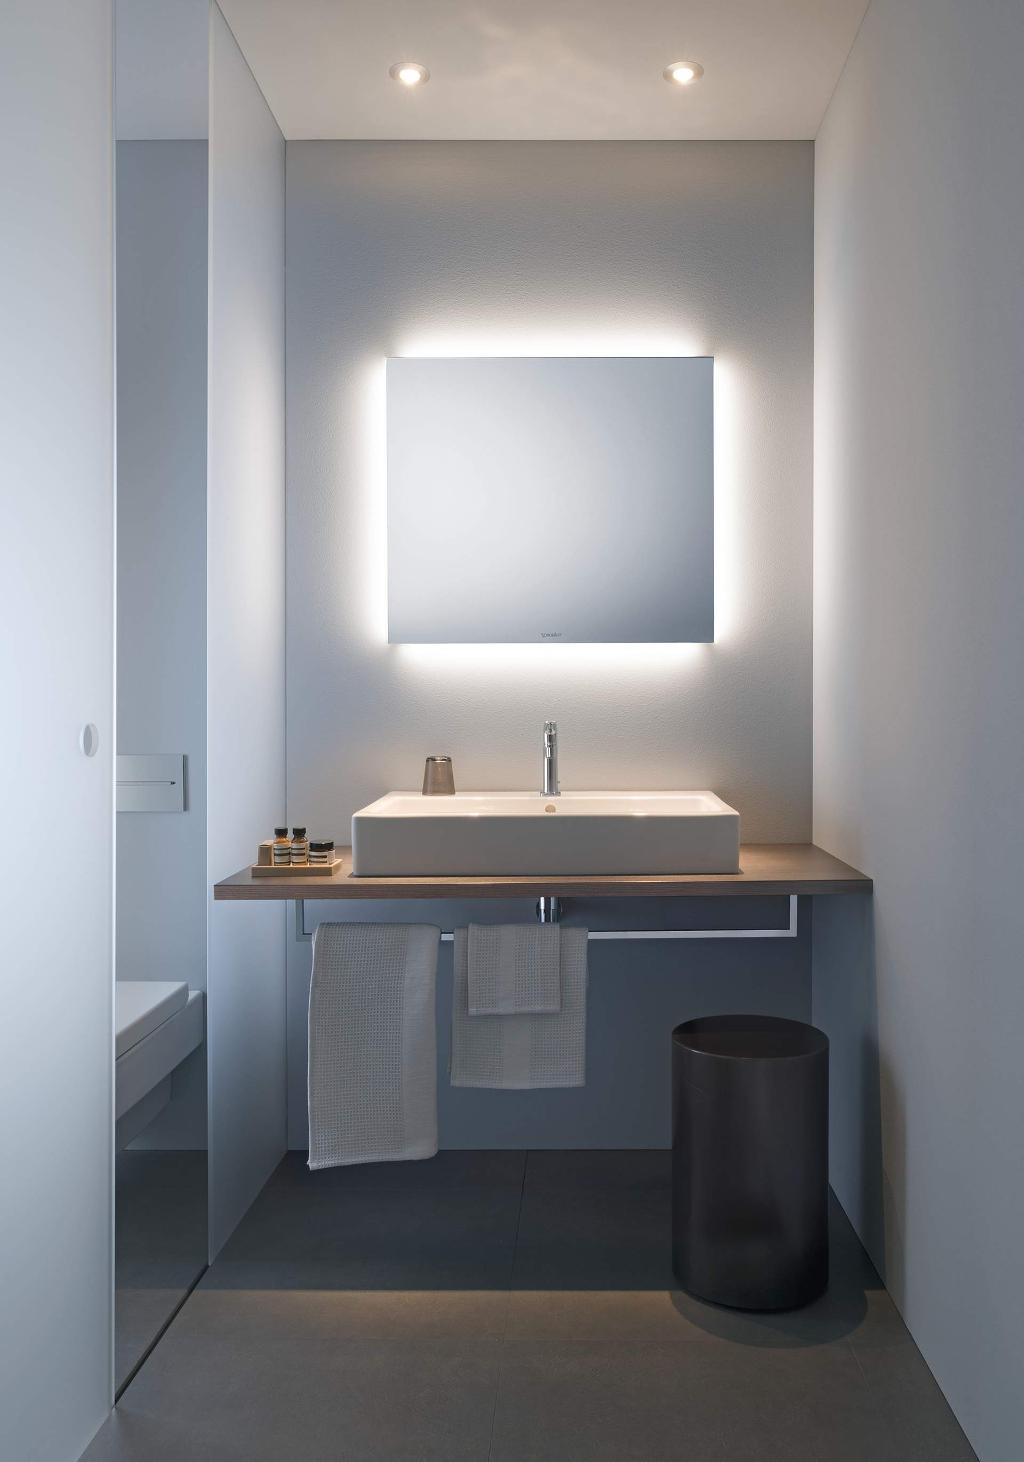 Plafond Salle De Bain Placo Hydrofuge ~ Eclairage Et Miroir Duravit